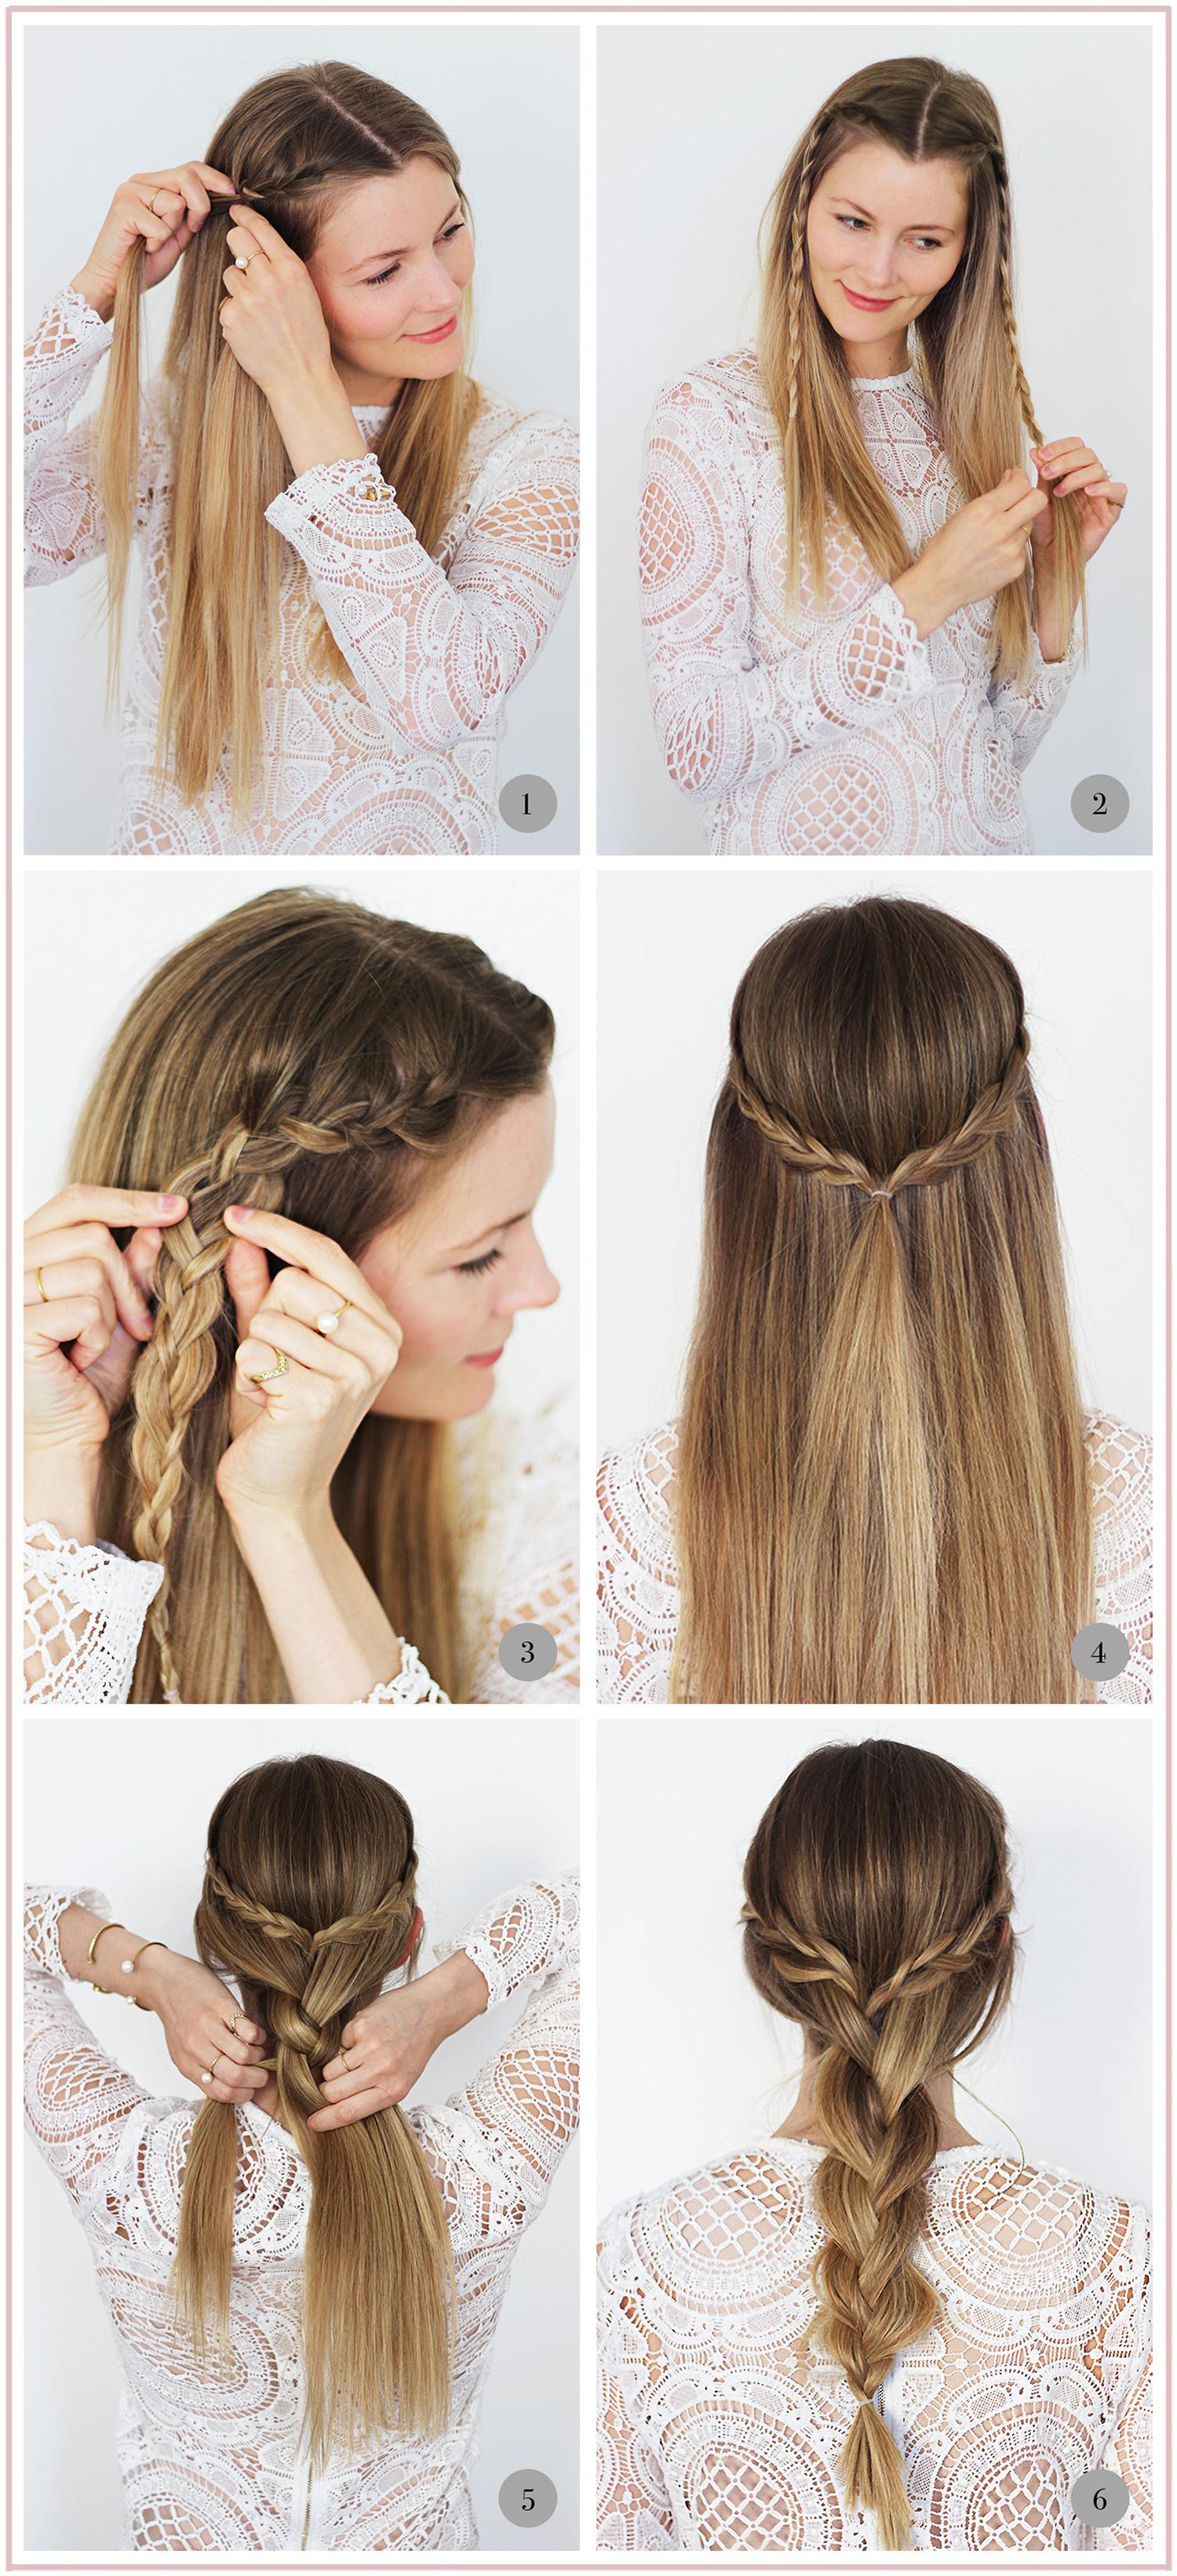 hair-tutorial-frisure-nem-hevrdagsfrisure-fletning-modeblog@2x